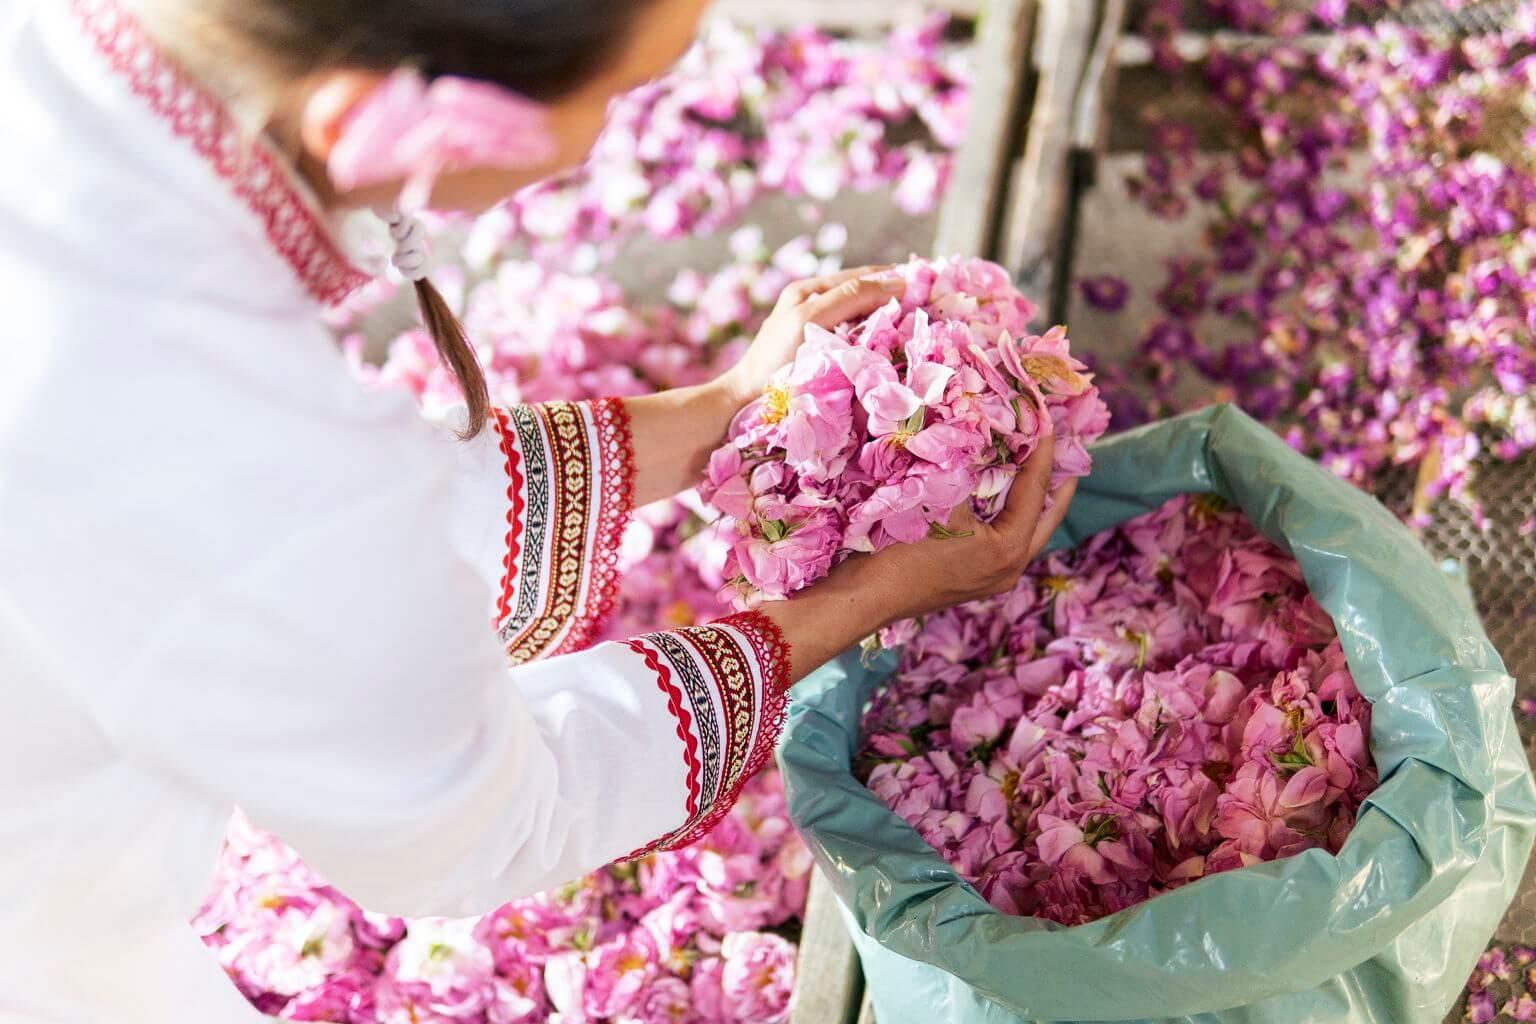 Damaszener Rosenblüten für die Hydrolatherstellung